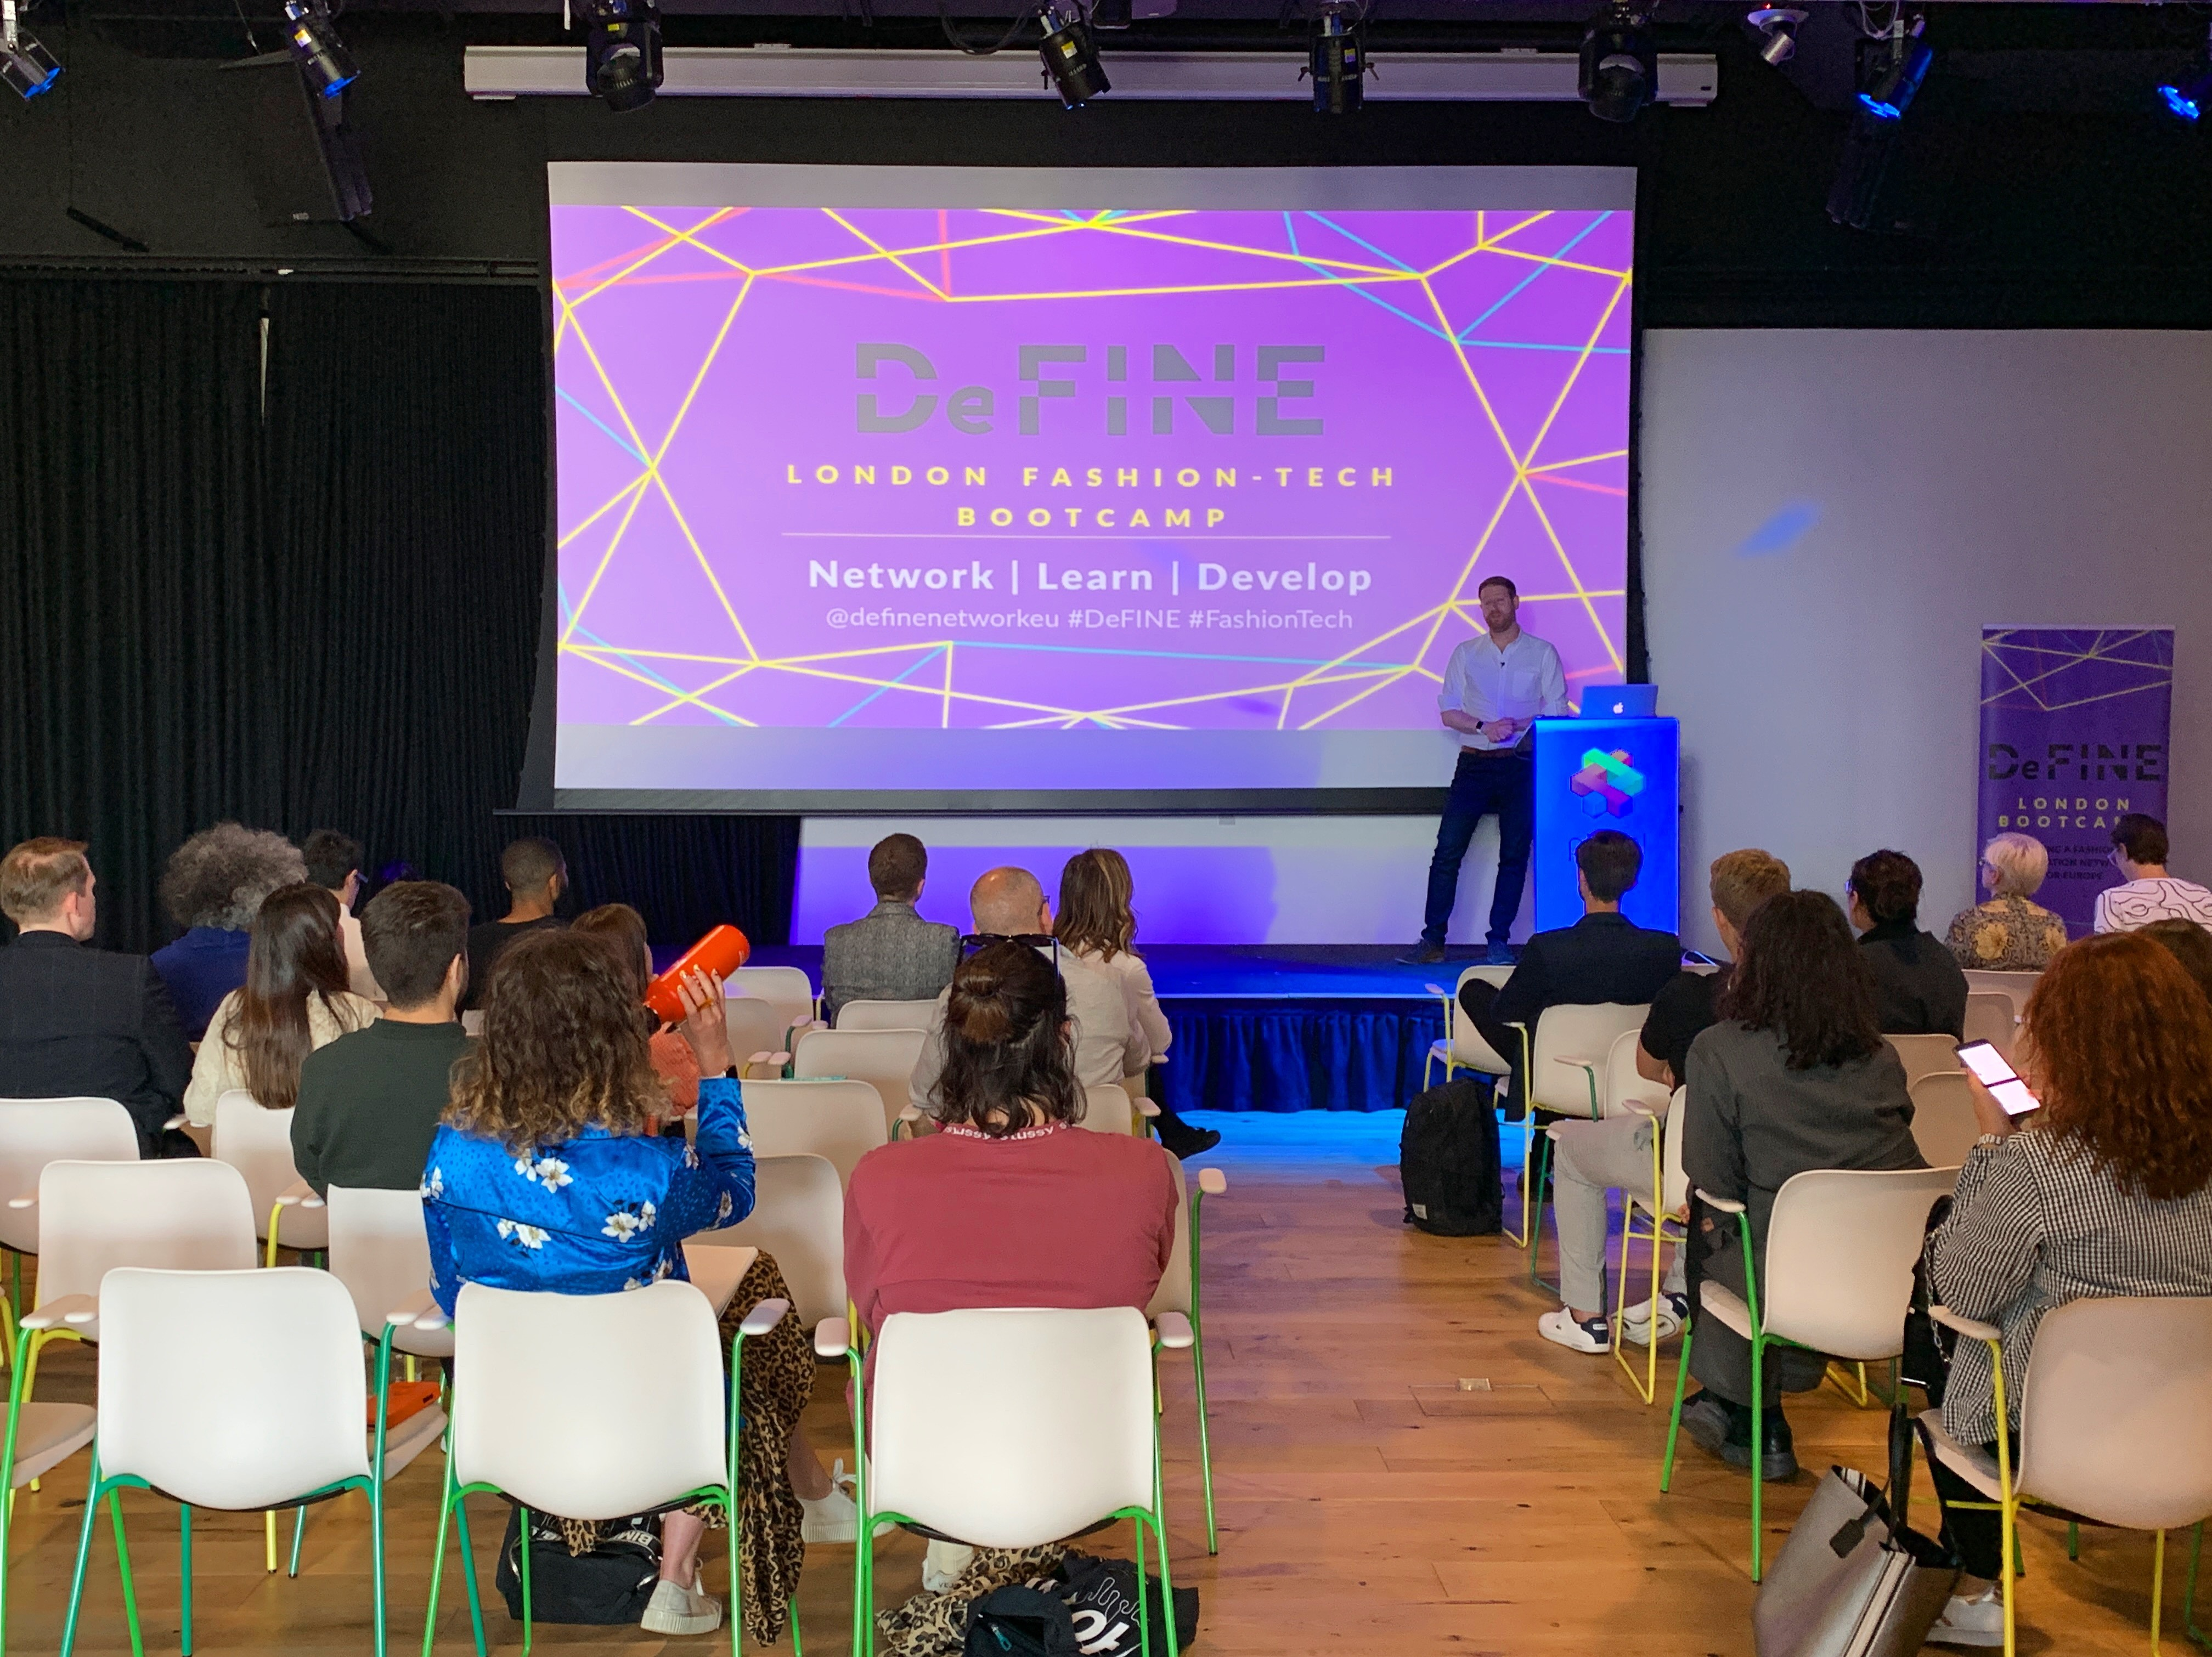 Två startups från Borås på fashion tech-bootcamp i London